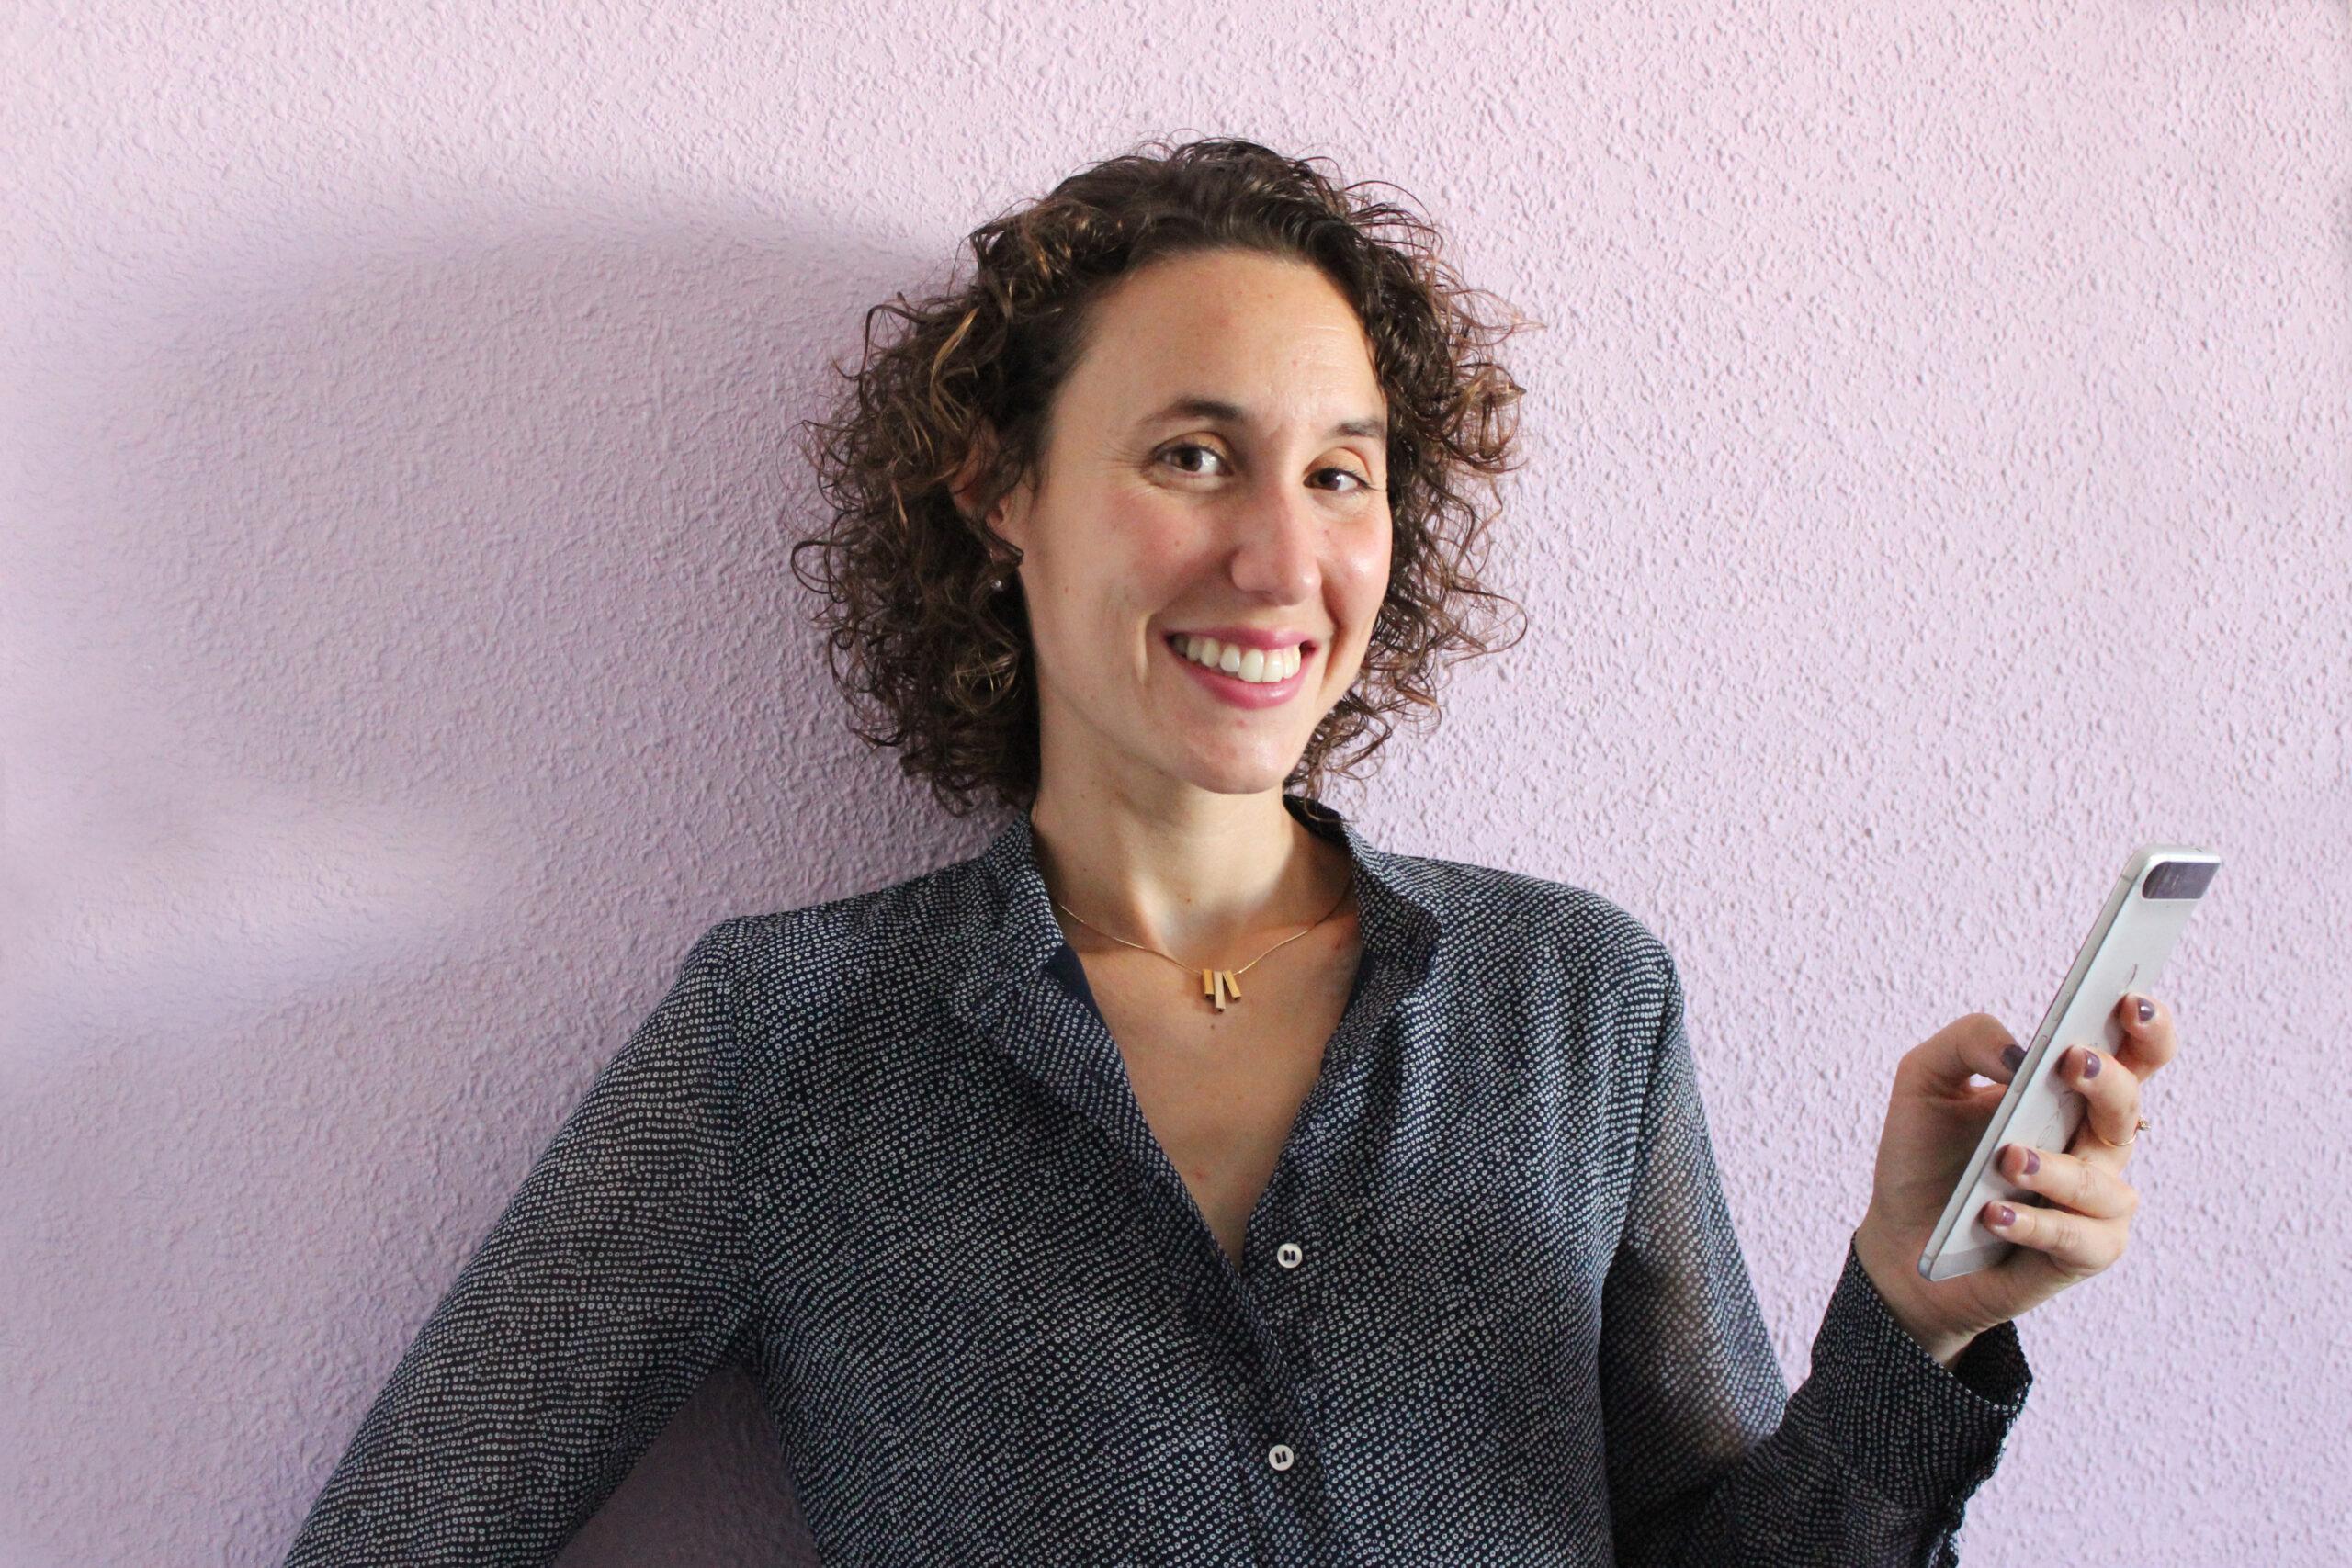 traductora español inglés medicina marketing transcreación nuevas tecnologías